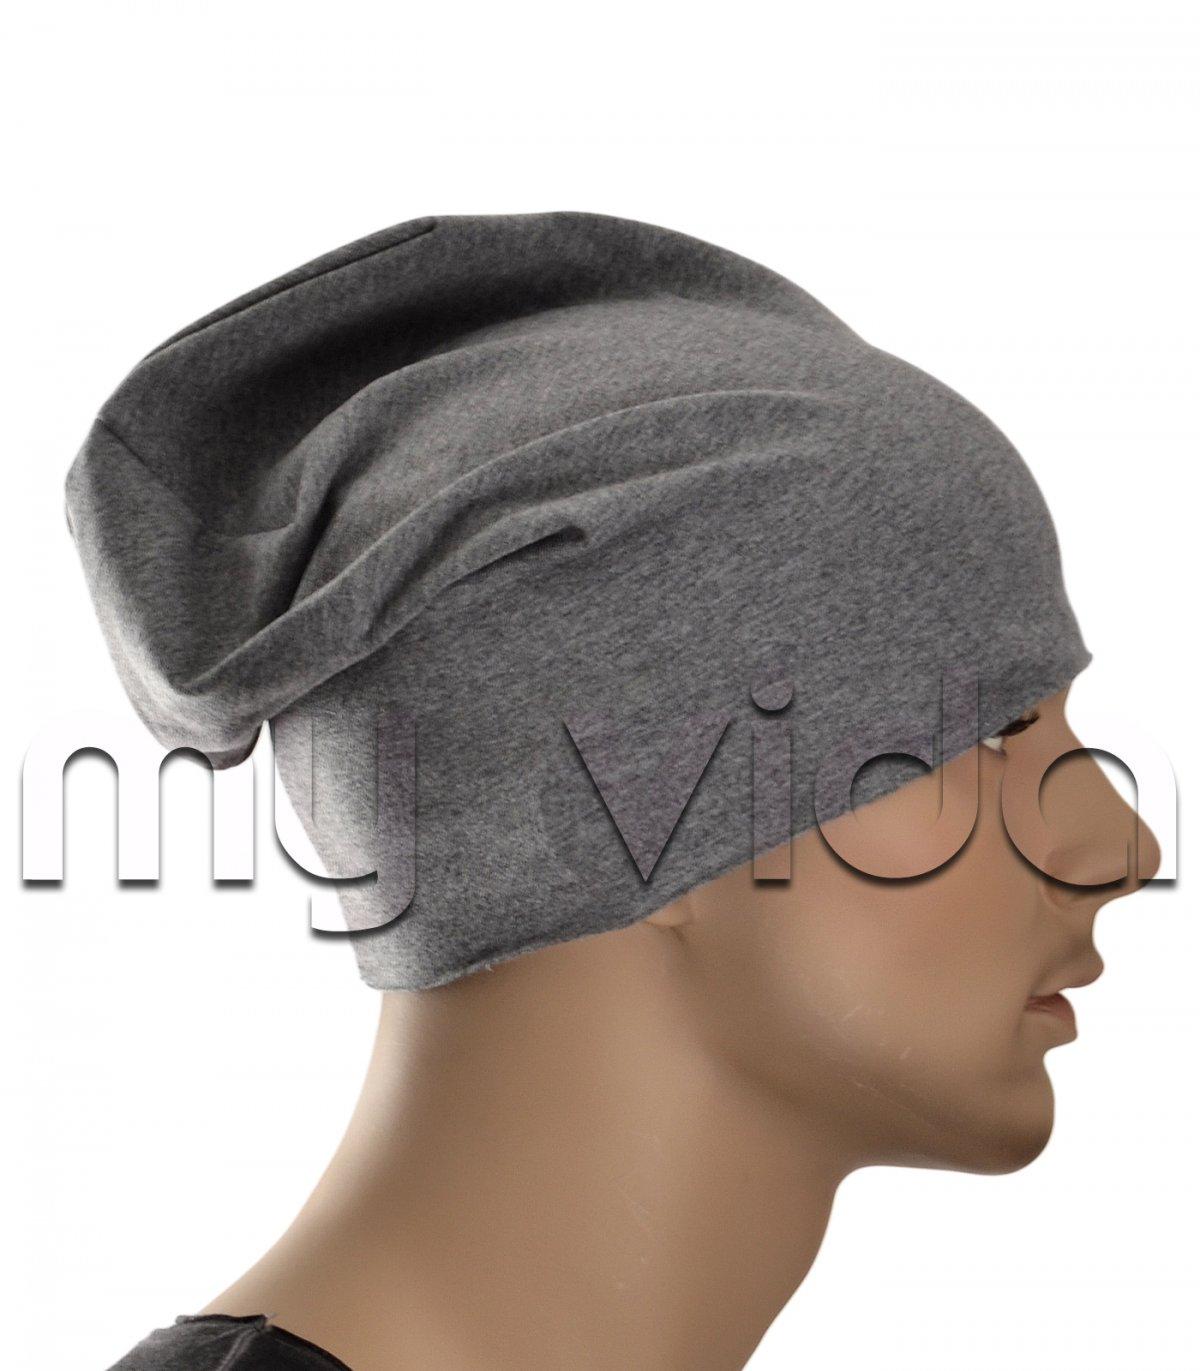 Cappello cuffia cappelletto berretto unisex uomo 3fc6ed25b381